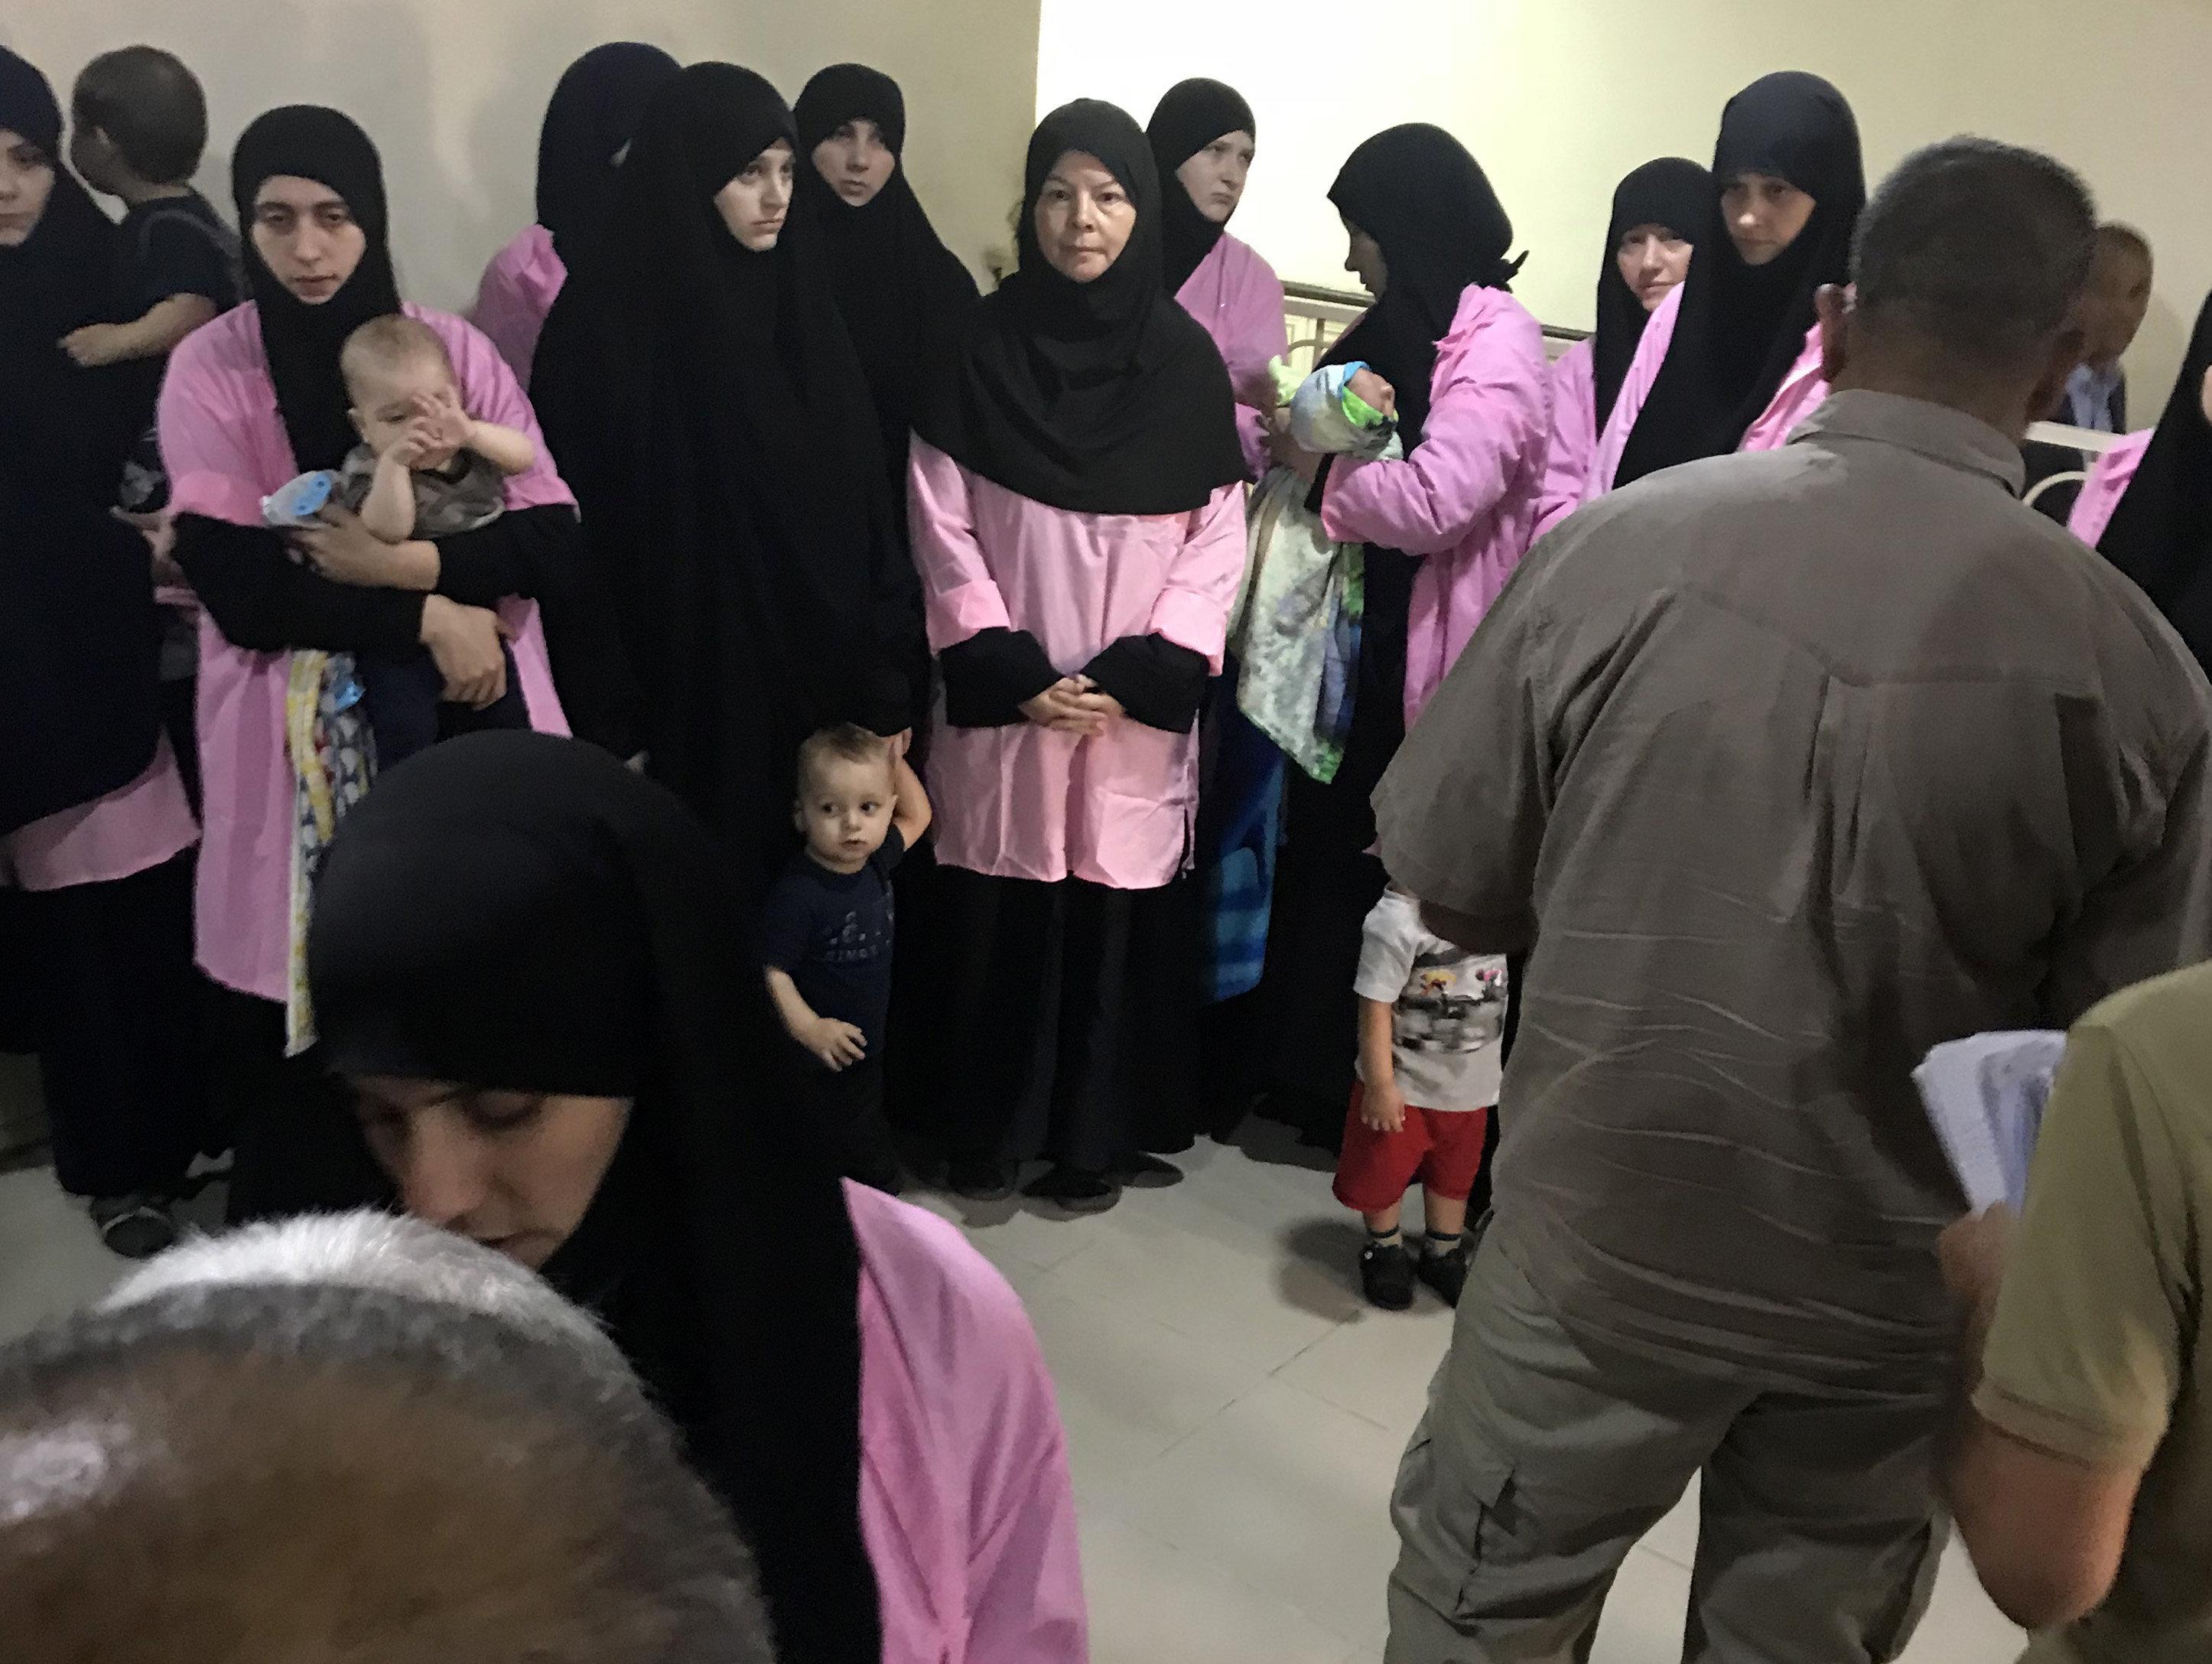 Ιράκ: Σε ισόβια καταδικάστηκαν 19 Ρωσίδες μητέρες με την κατηγορία της συνδρομής στο Ισλαμικό